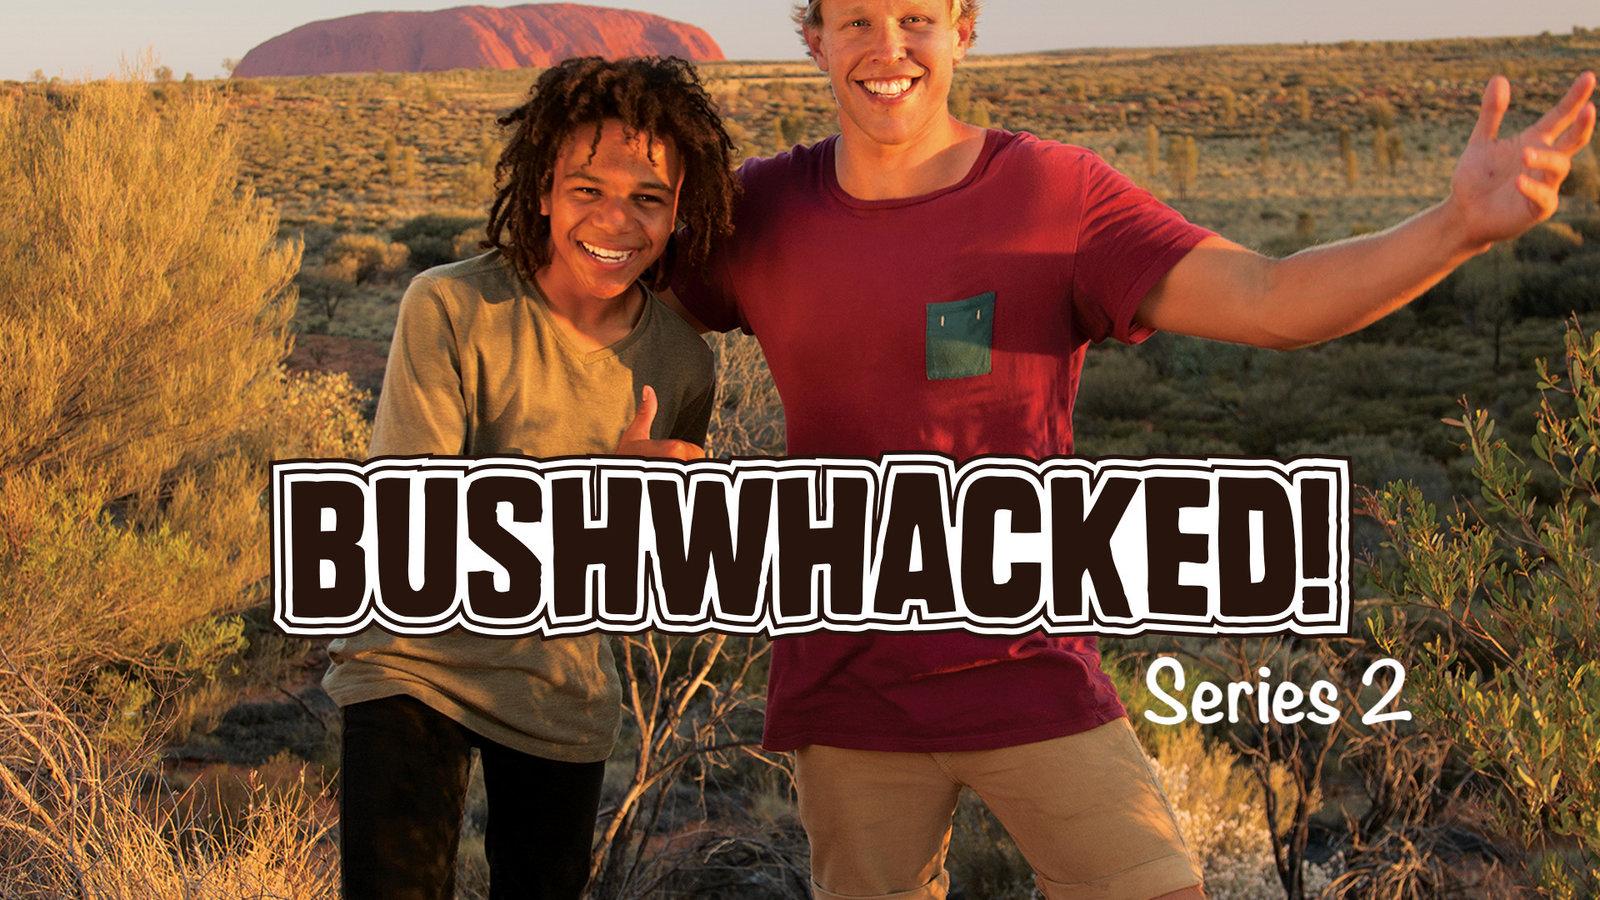 Bushwhacked! - Series 2